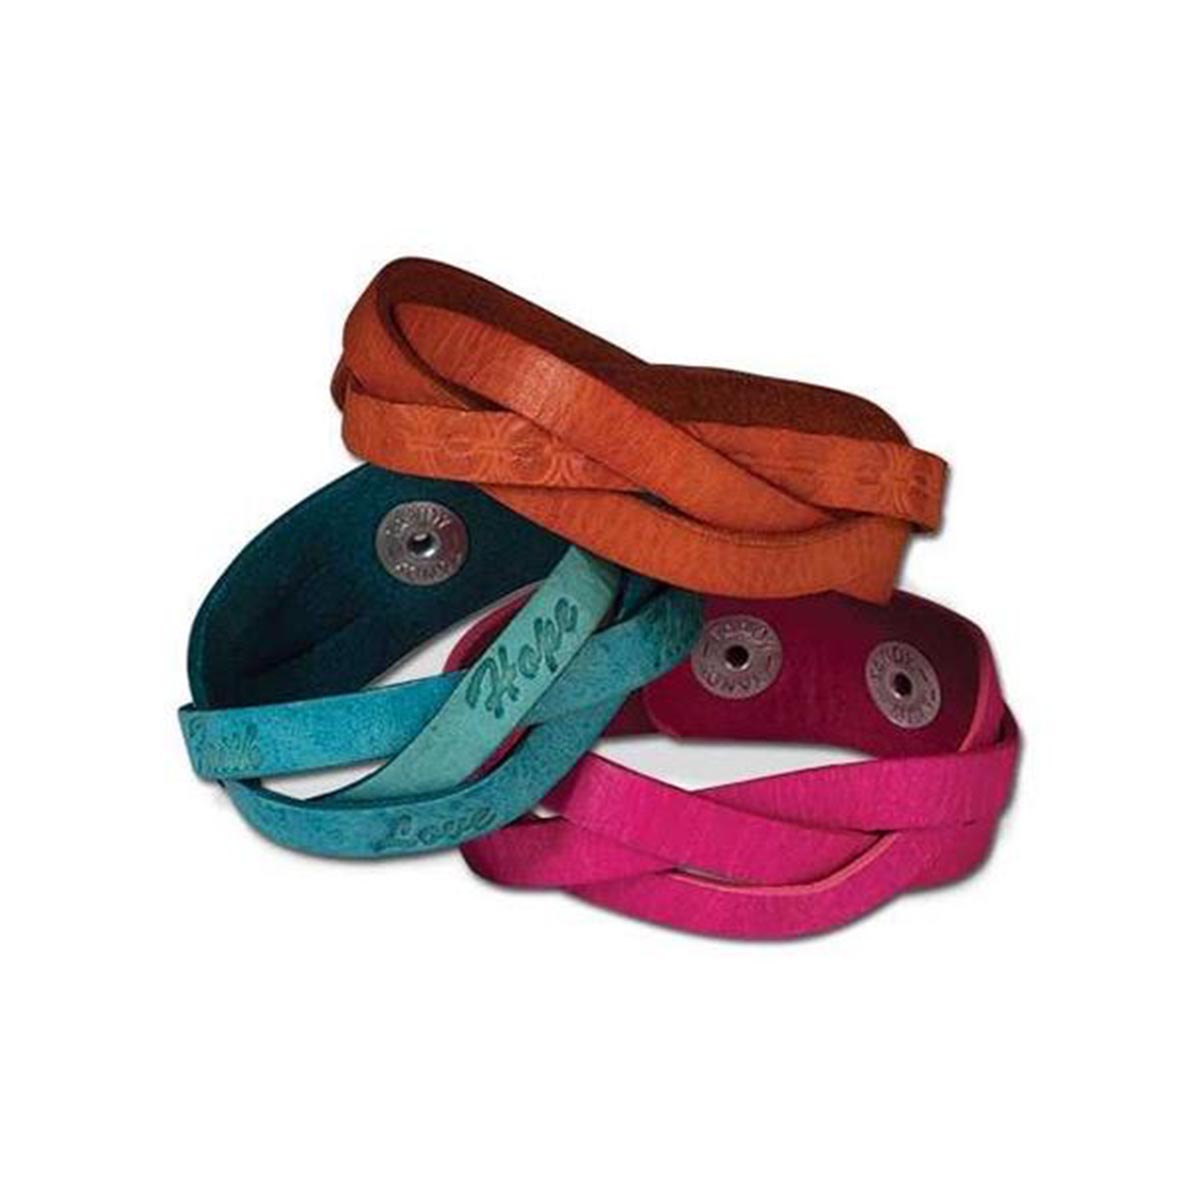 Kit pour 3 bracelets tressés - 25 mm - 44168-03